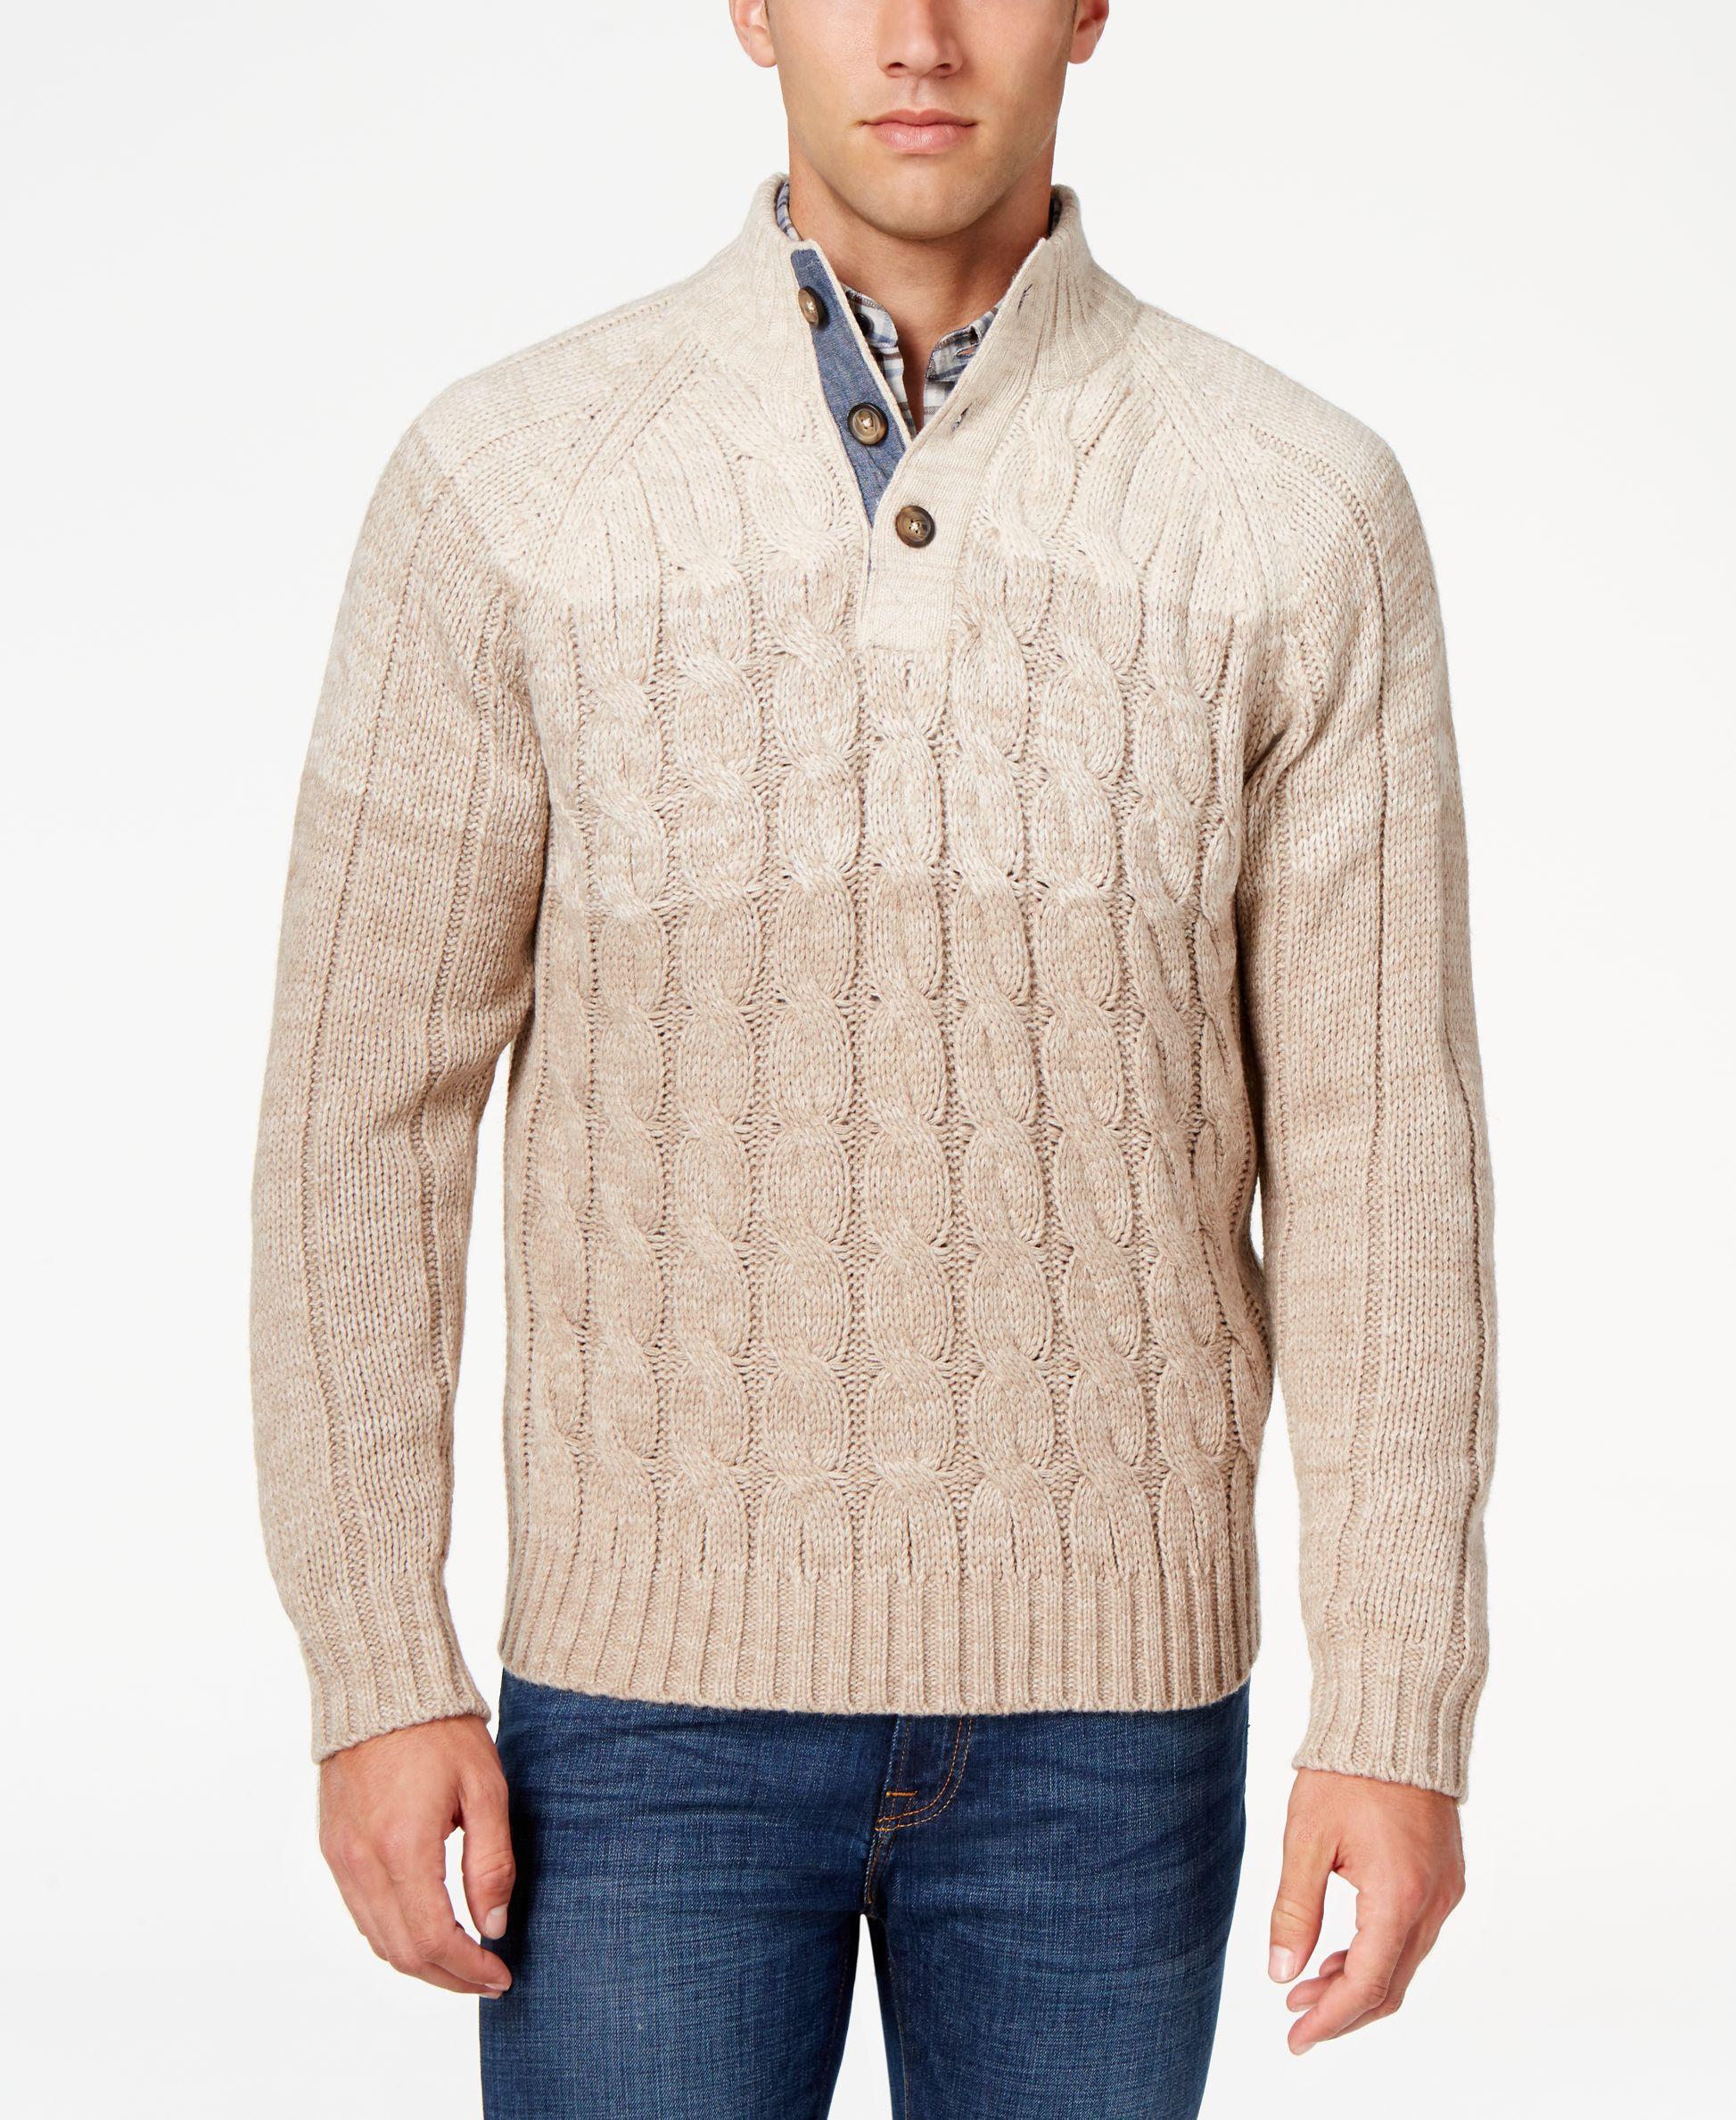 ff92d0e635a Weatherproof Vintage Men s Cable-Knit Sweater